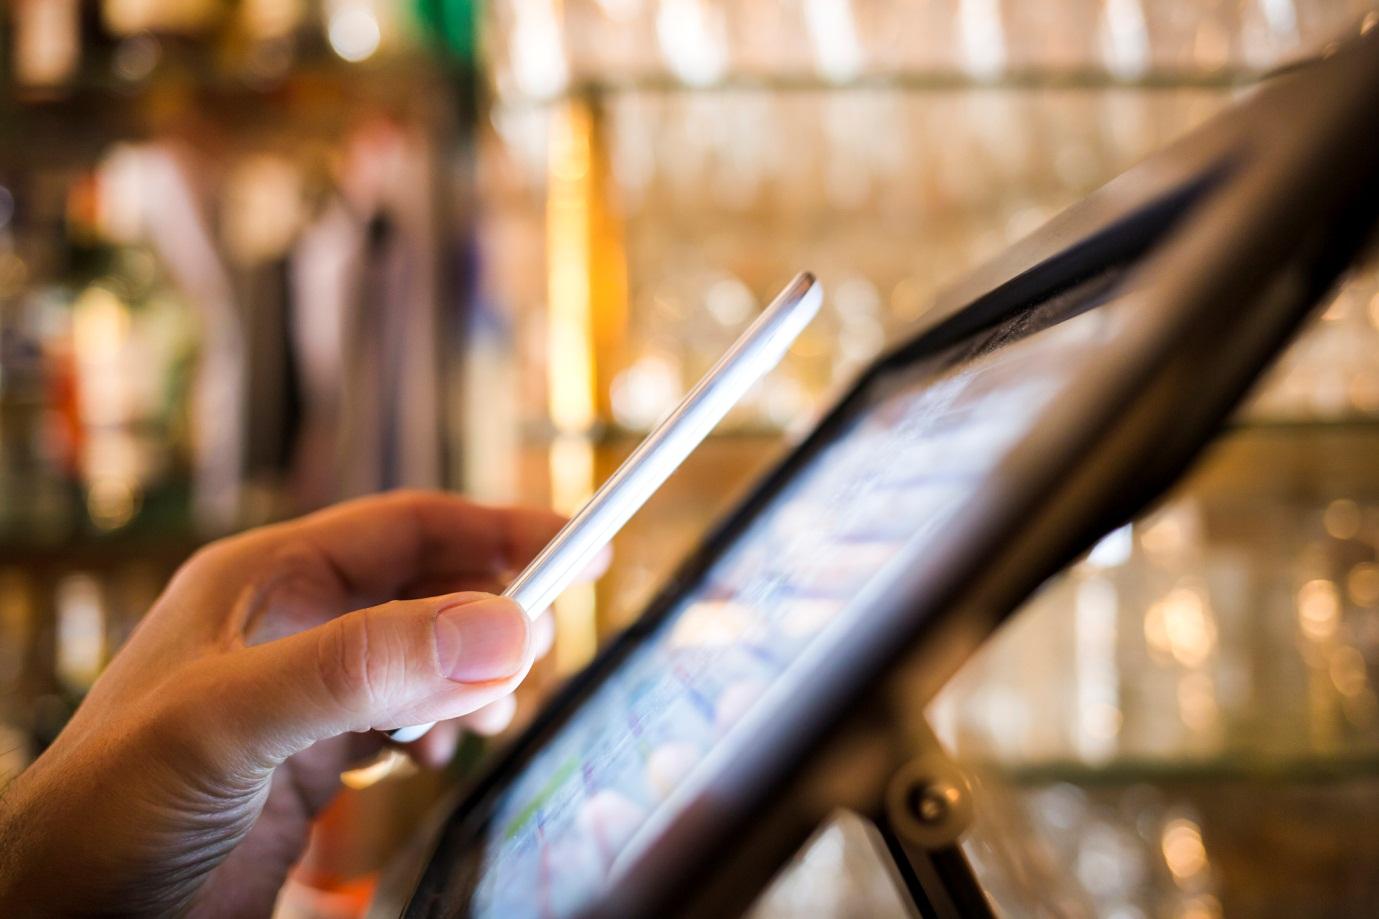 Работа НФС в смартфоне основывается на общепринятых стандартах безопасности